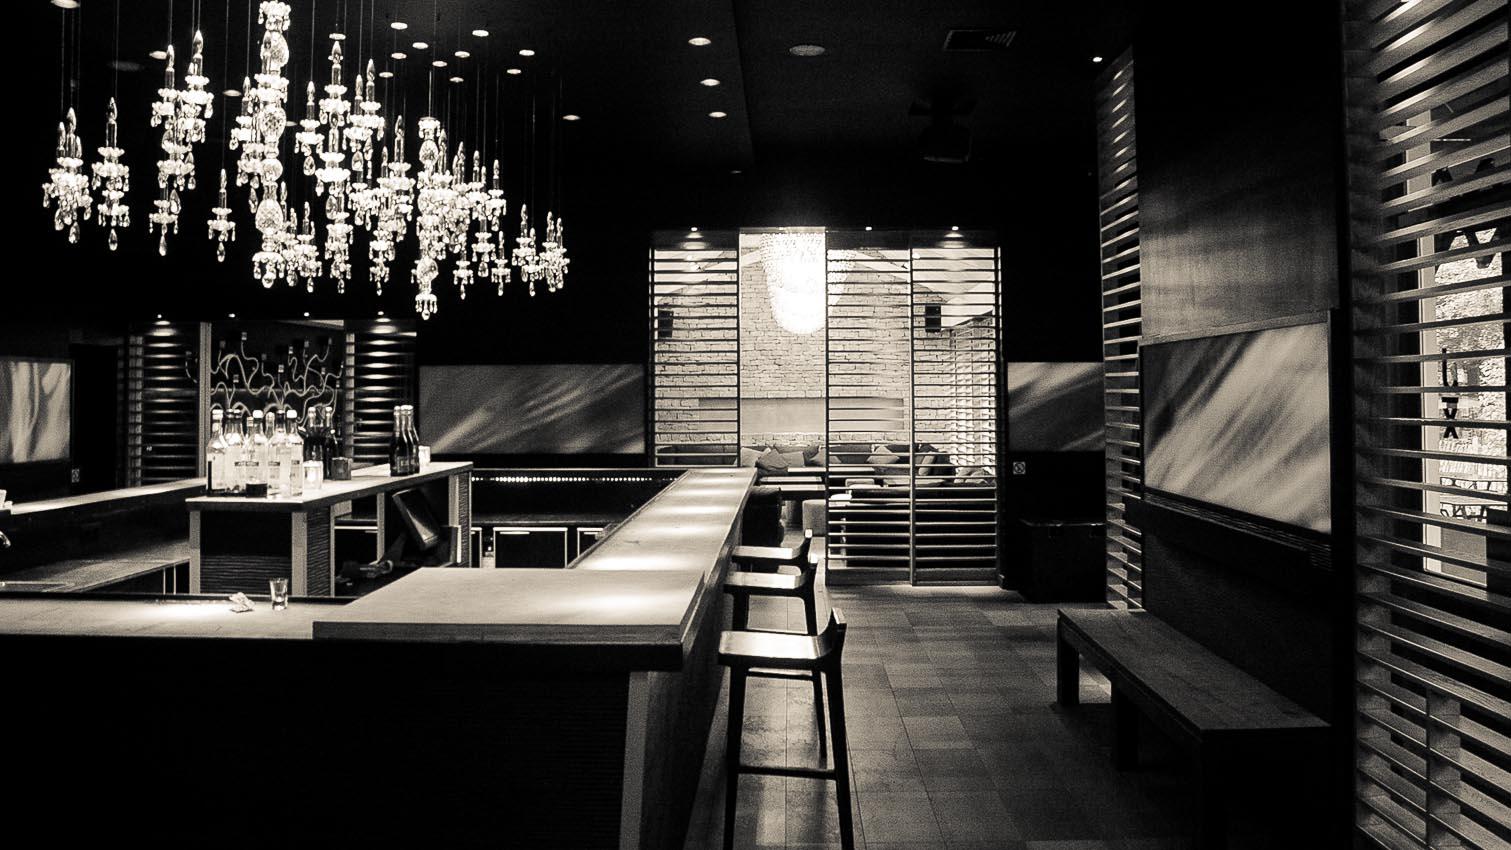 38-cafe-bar-resto-nightclub-decors-film-cinema-photo-belgium-bruxelles